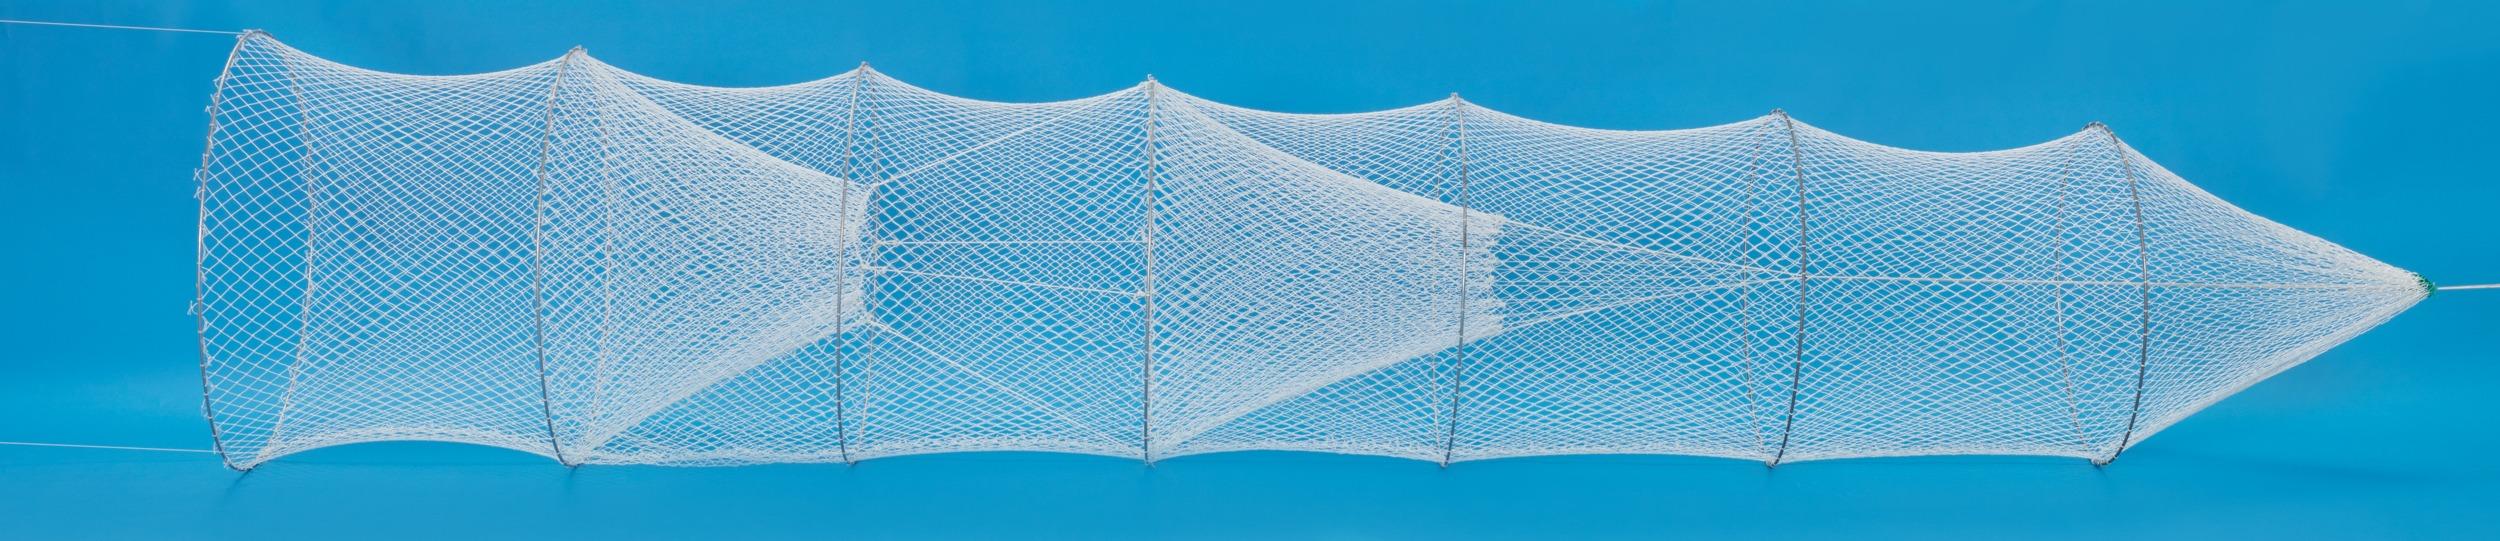 Hoop Net with Steel Hoops